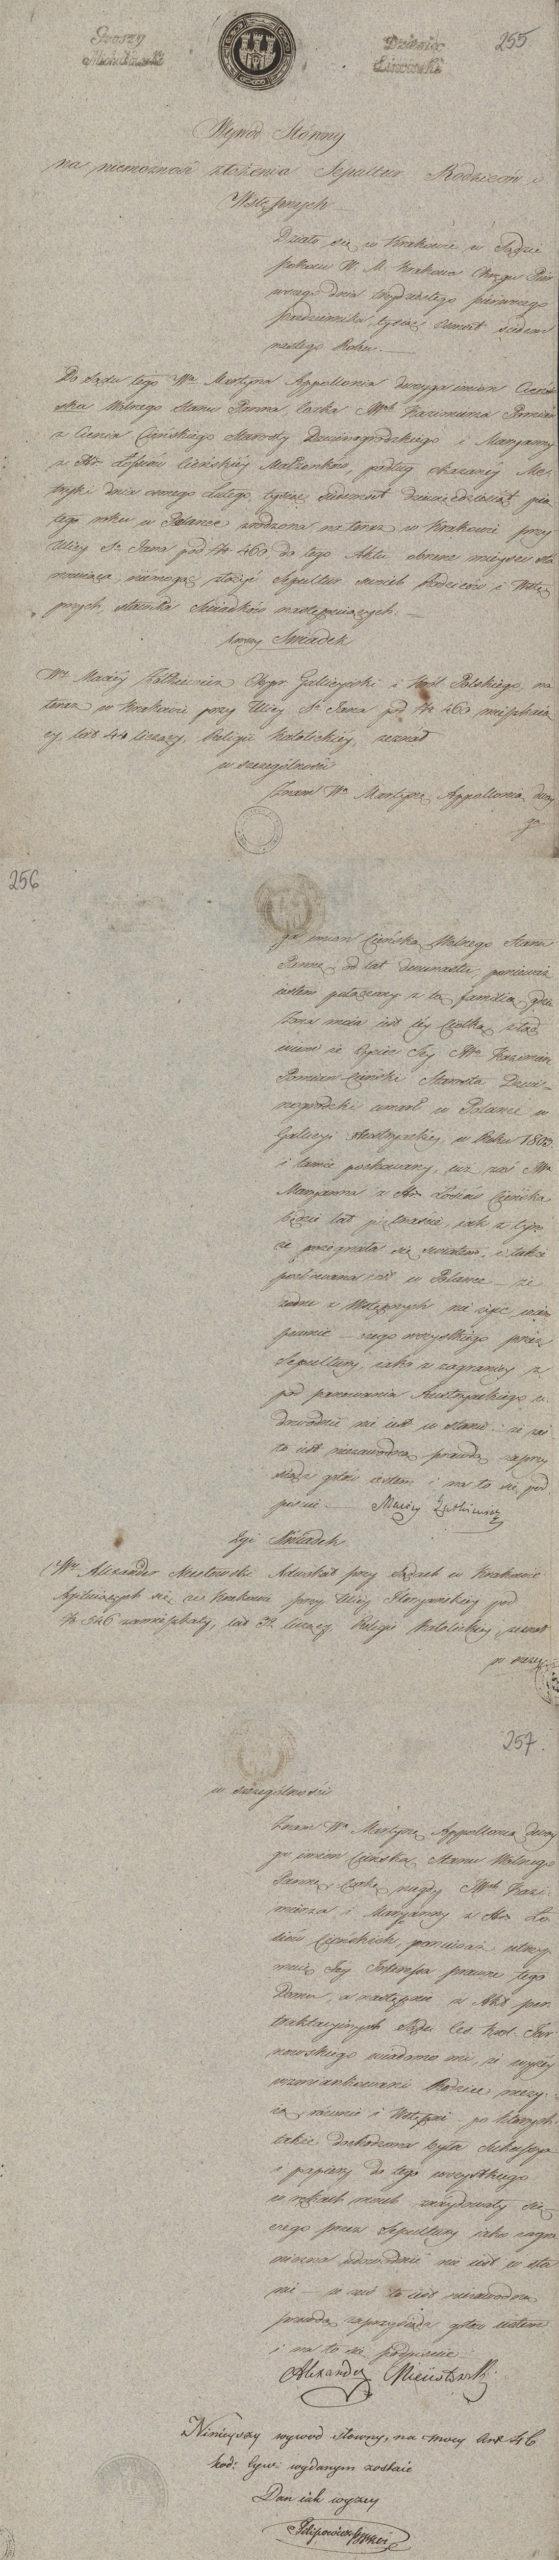 Alegaty do małżeństwa Stanisław Gostkowski & Martyna Apolonia Cieński (03.11.1817 r.) (5)